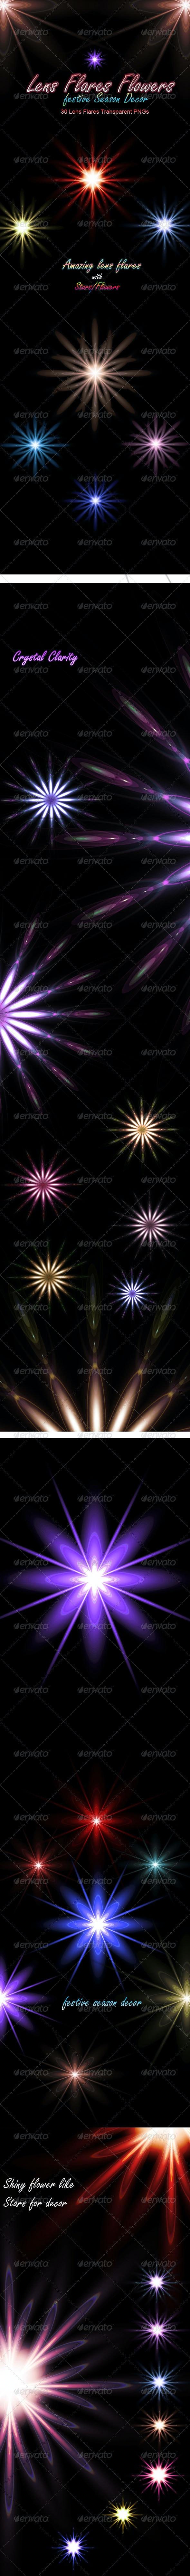 Lens Flares Flowers-2 :  A  Festive Season Decor - Miscellaneous Backgrounds